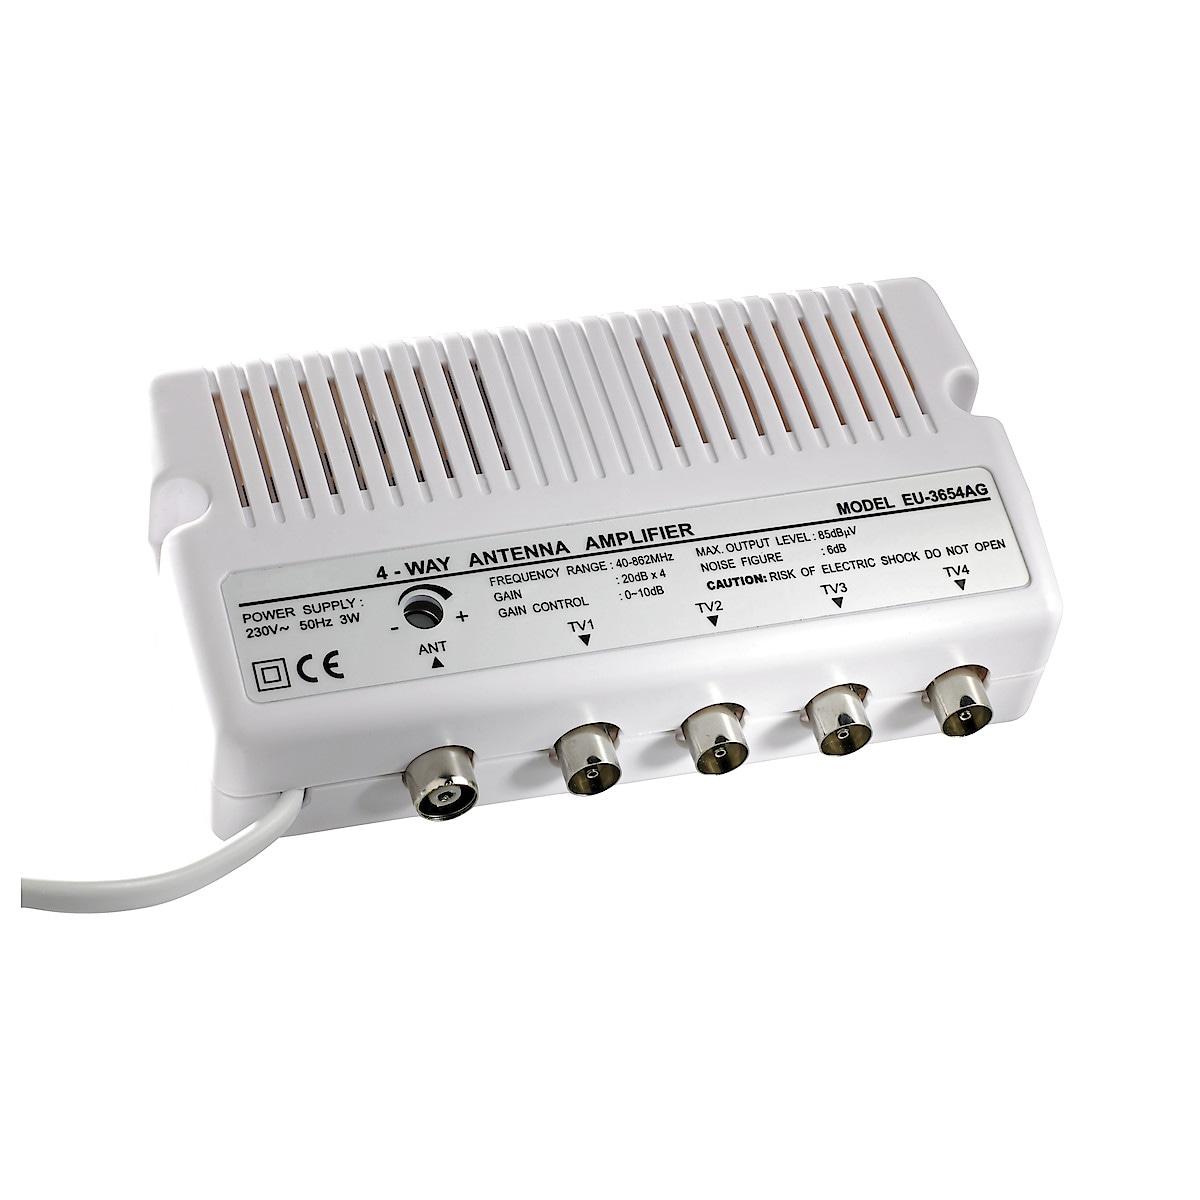 Antennivahvistin, 4-tie